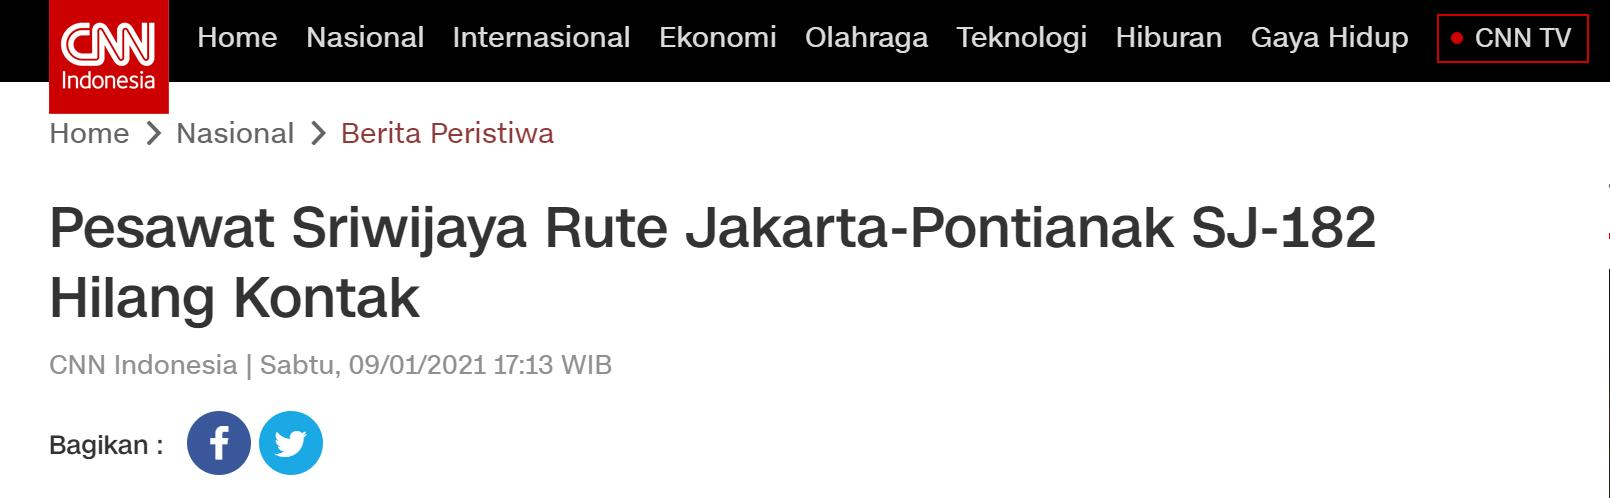 印尼一架客机突然失联,印尼交通运输部:已展开搜救调查